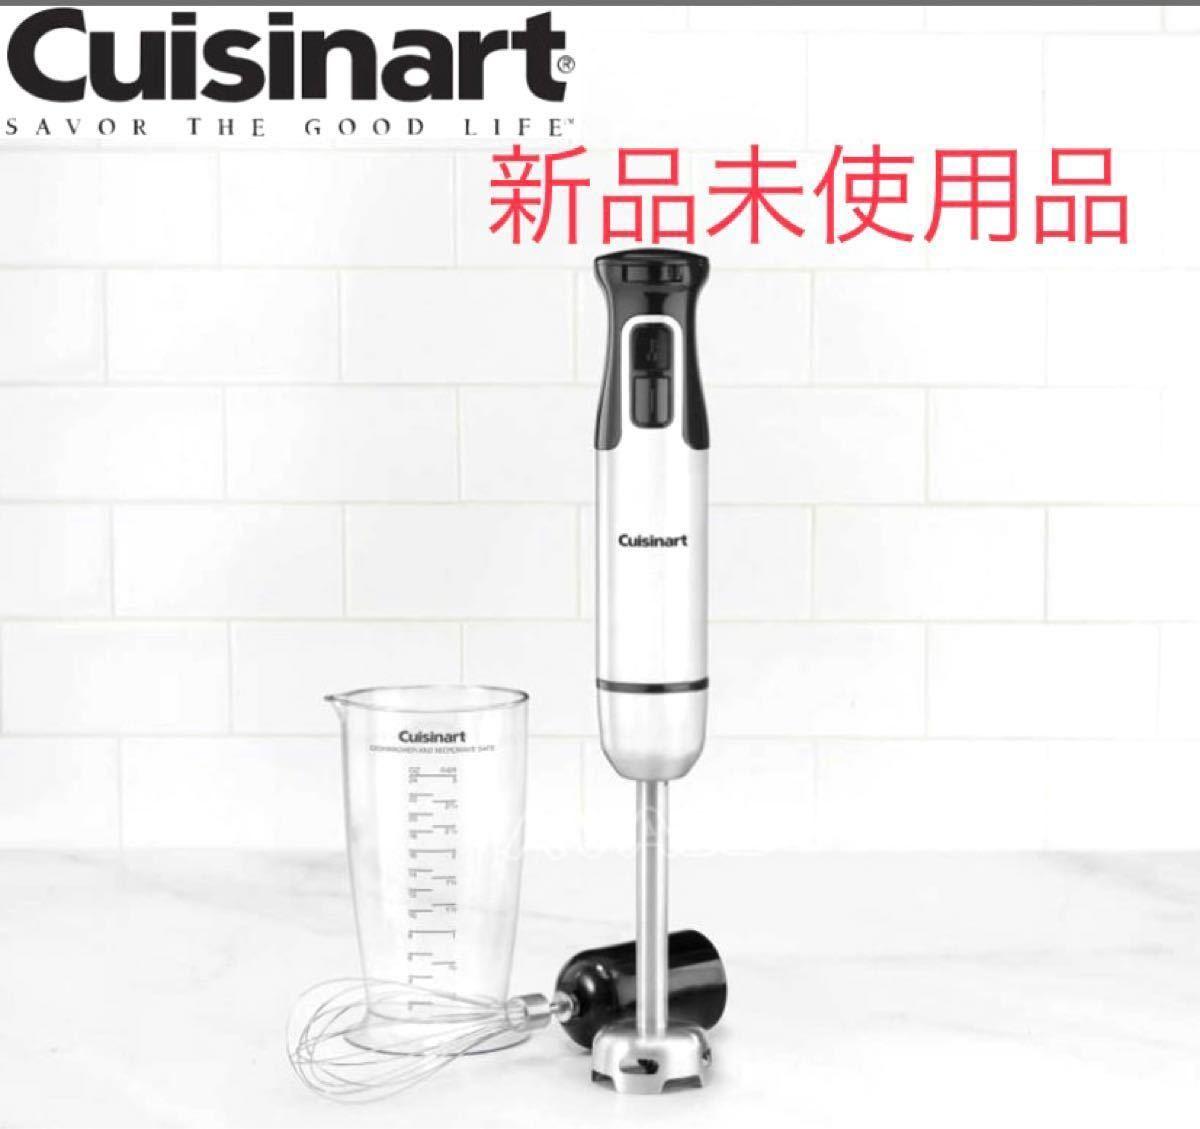 新品 Cuisinart クイジナート HB-120PCJ ハンドブレンダー